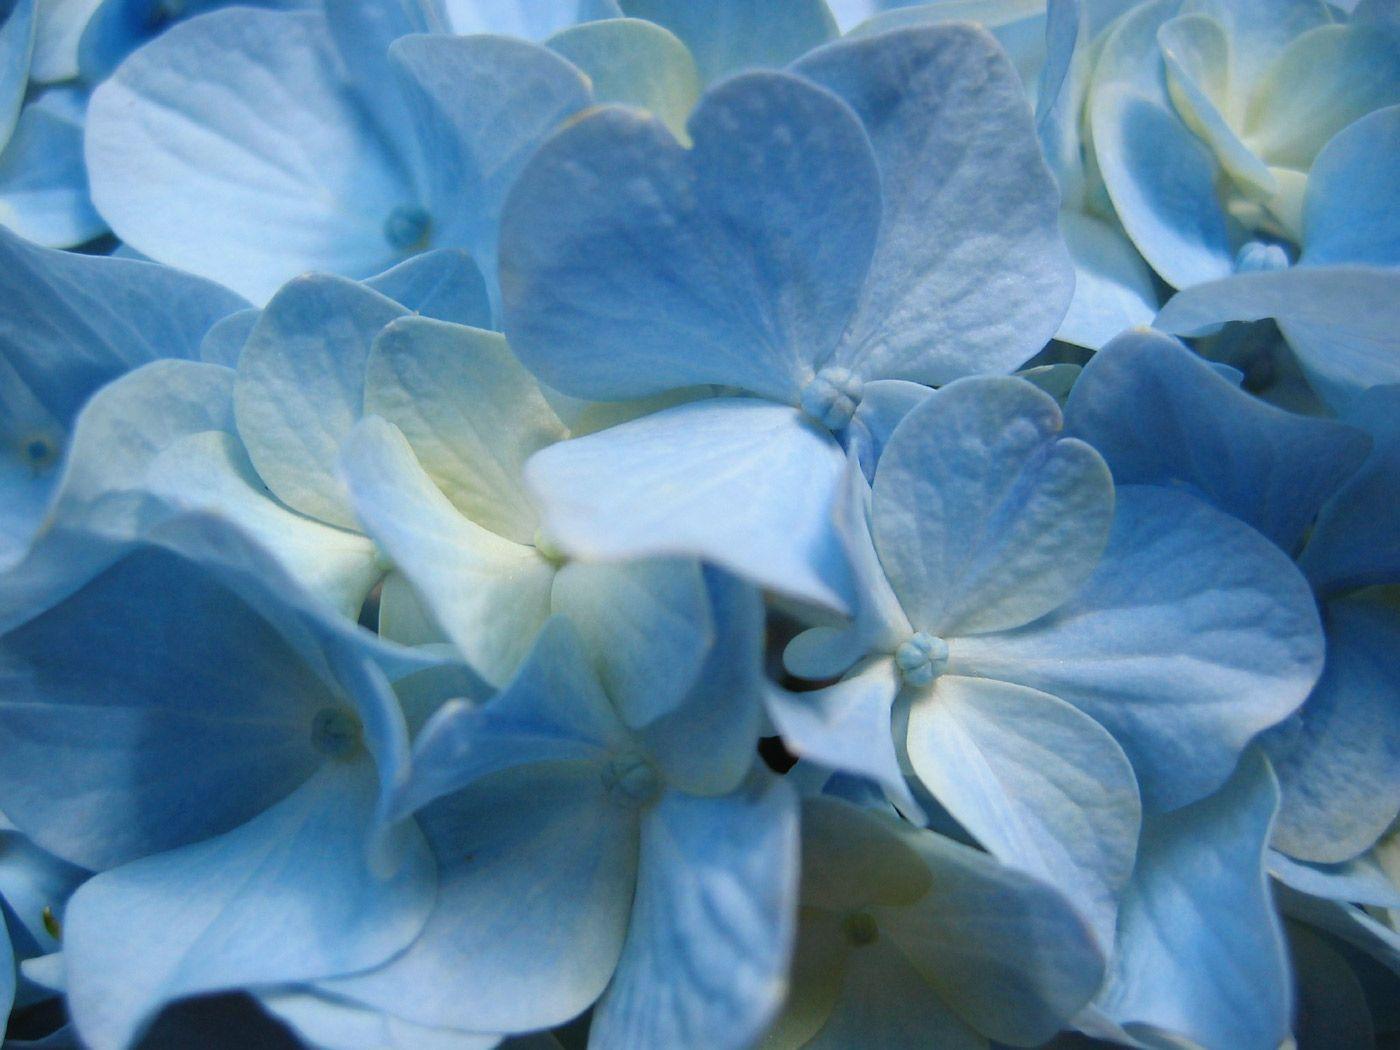 Flowers Background Wallpapers Flower Backgrounds In 2020 Blue Hydrangea Flowers Beautiful Flowers Wallpapers Blue Hydrangea